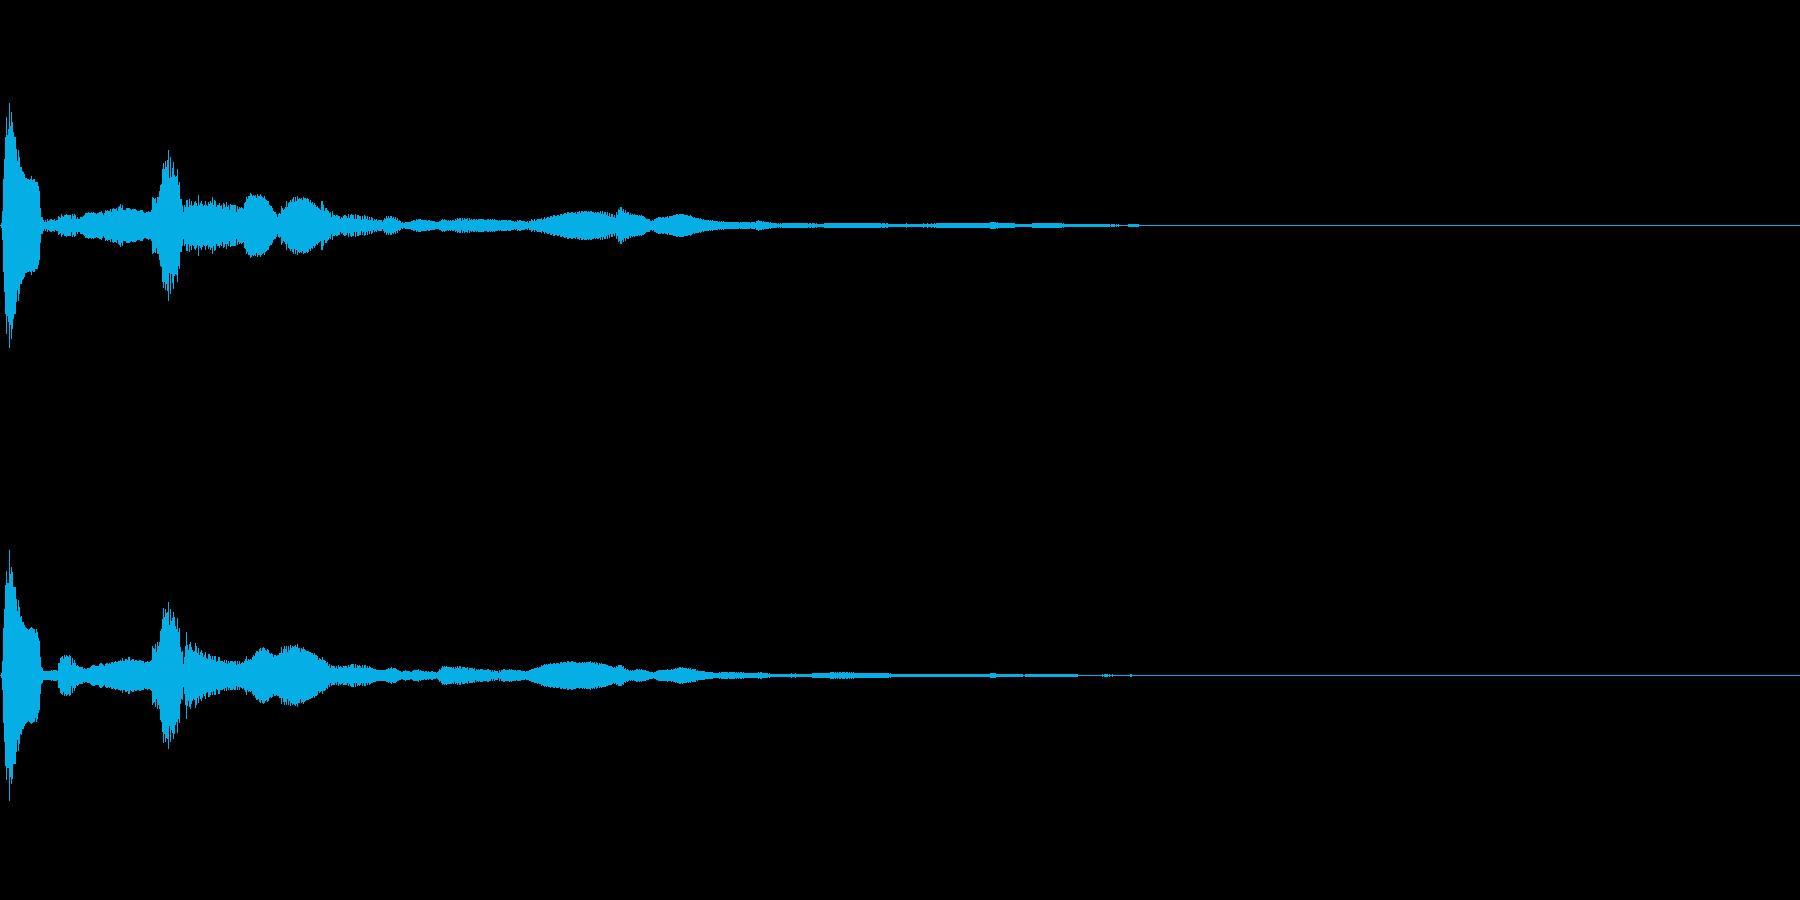 決定/クリック/選択音(ピコンッ)の再生済みの波形